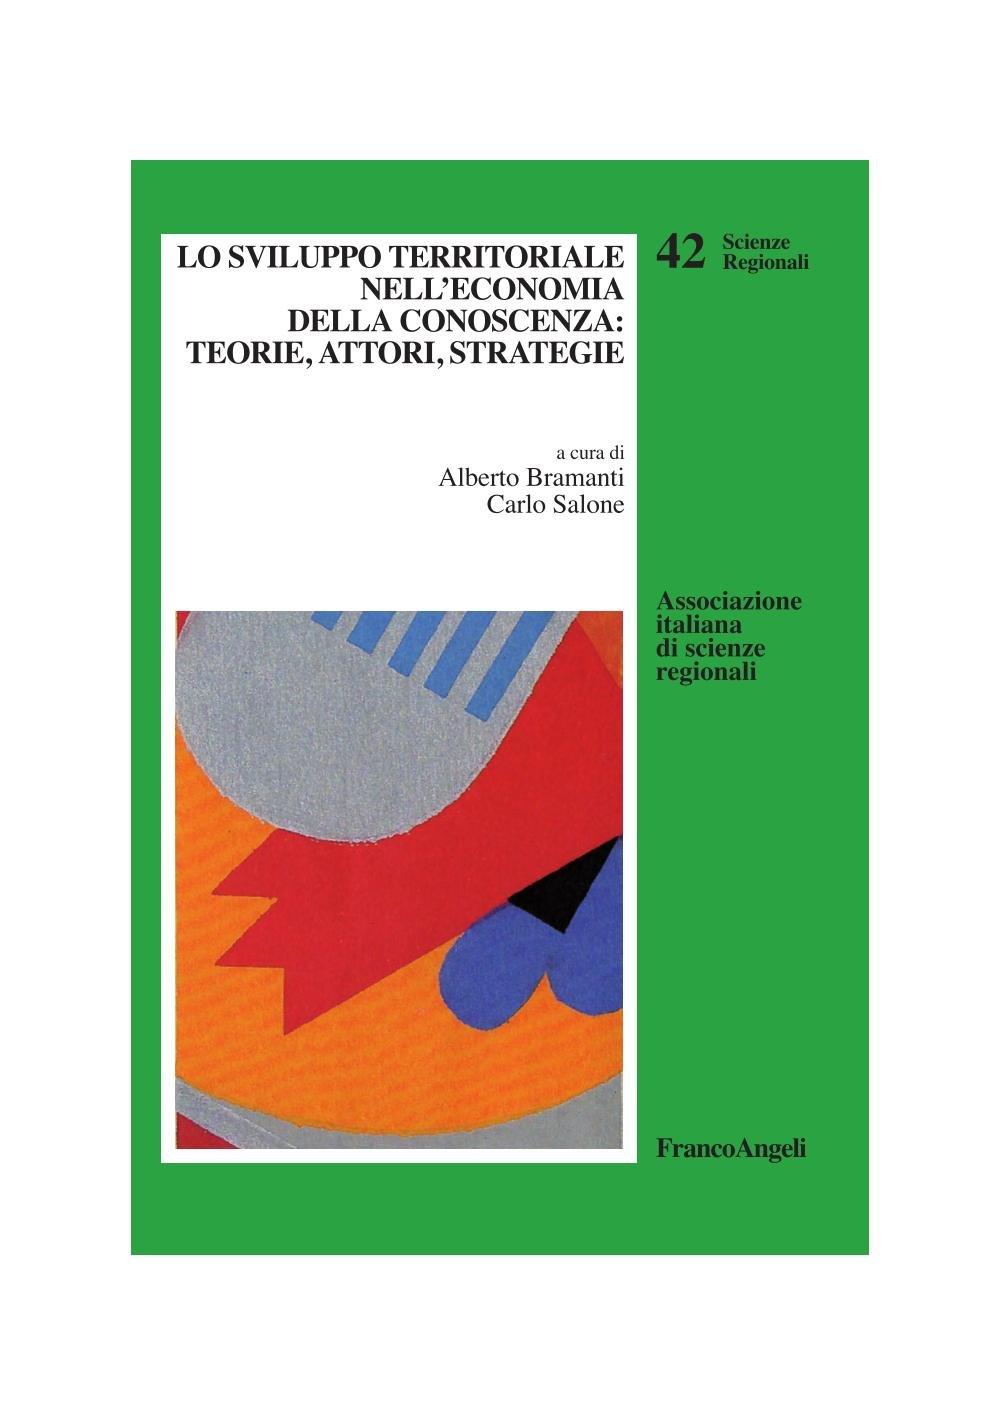 Lo sviluppo territoriale nell'economia della conoscenza: teorie, attori, strategie (Scienze regionali Vol. 42) (Italian Edition)